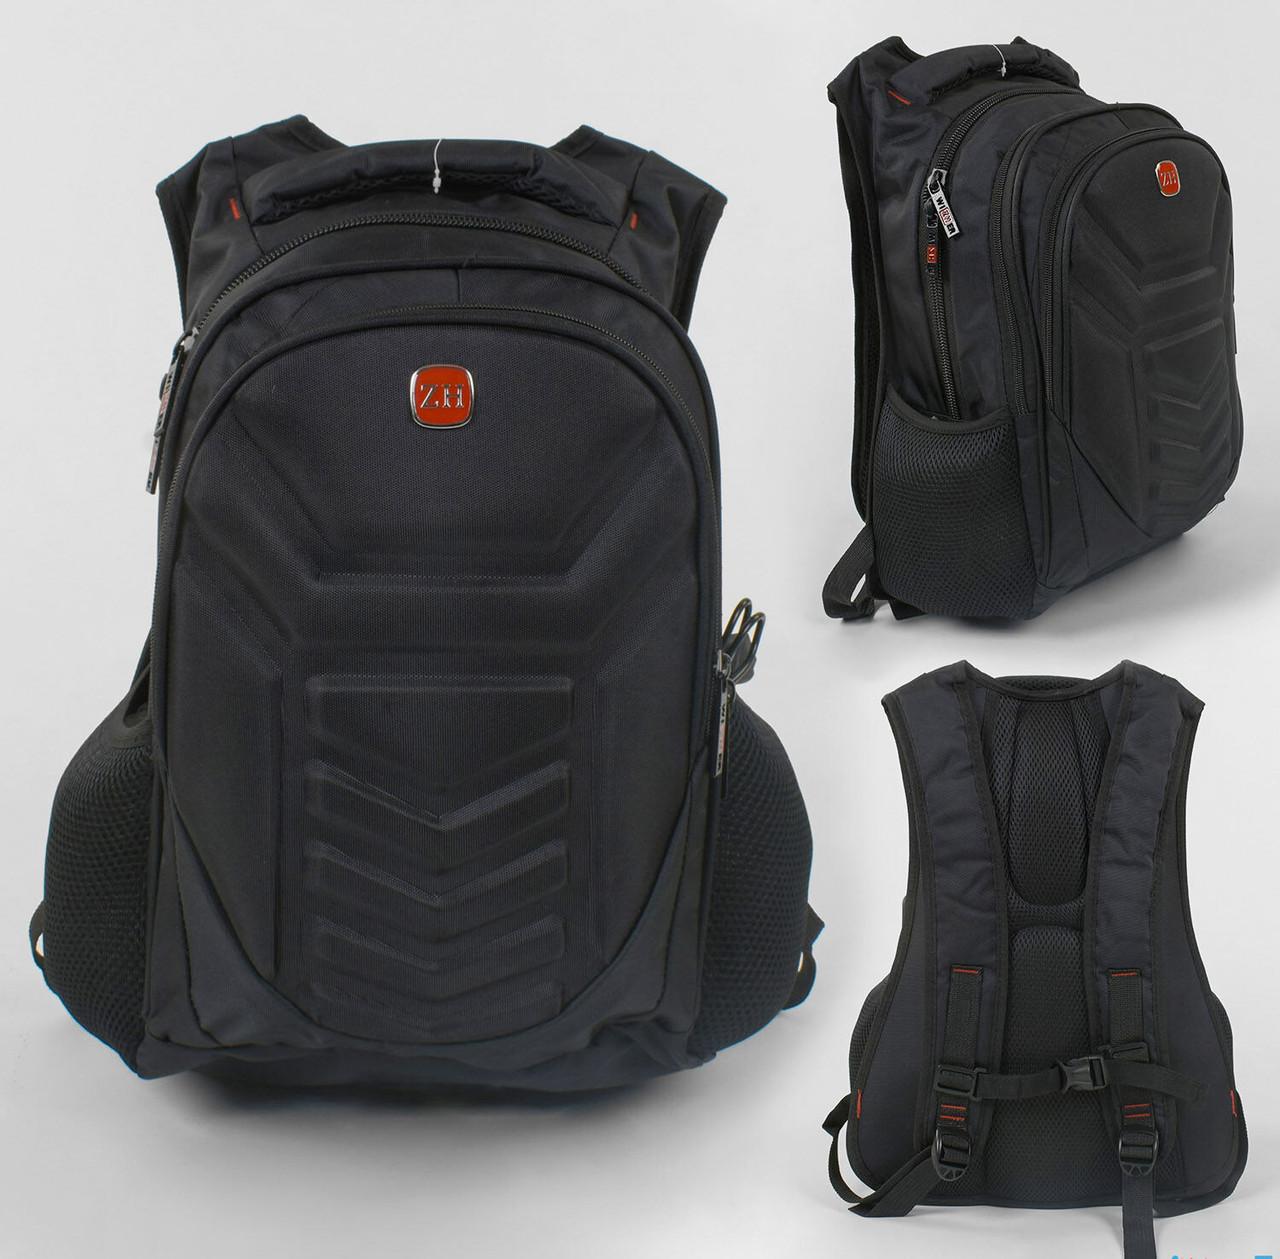 Рюкзак 1 отделение, 2 кармана, защитный бампер, USB кабель, в пакете.